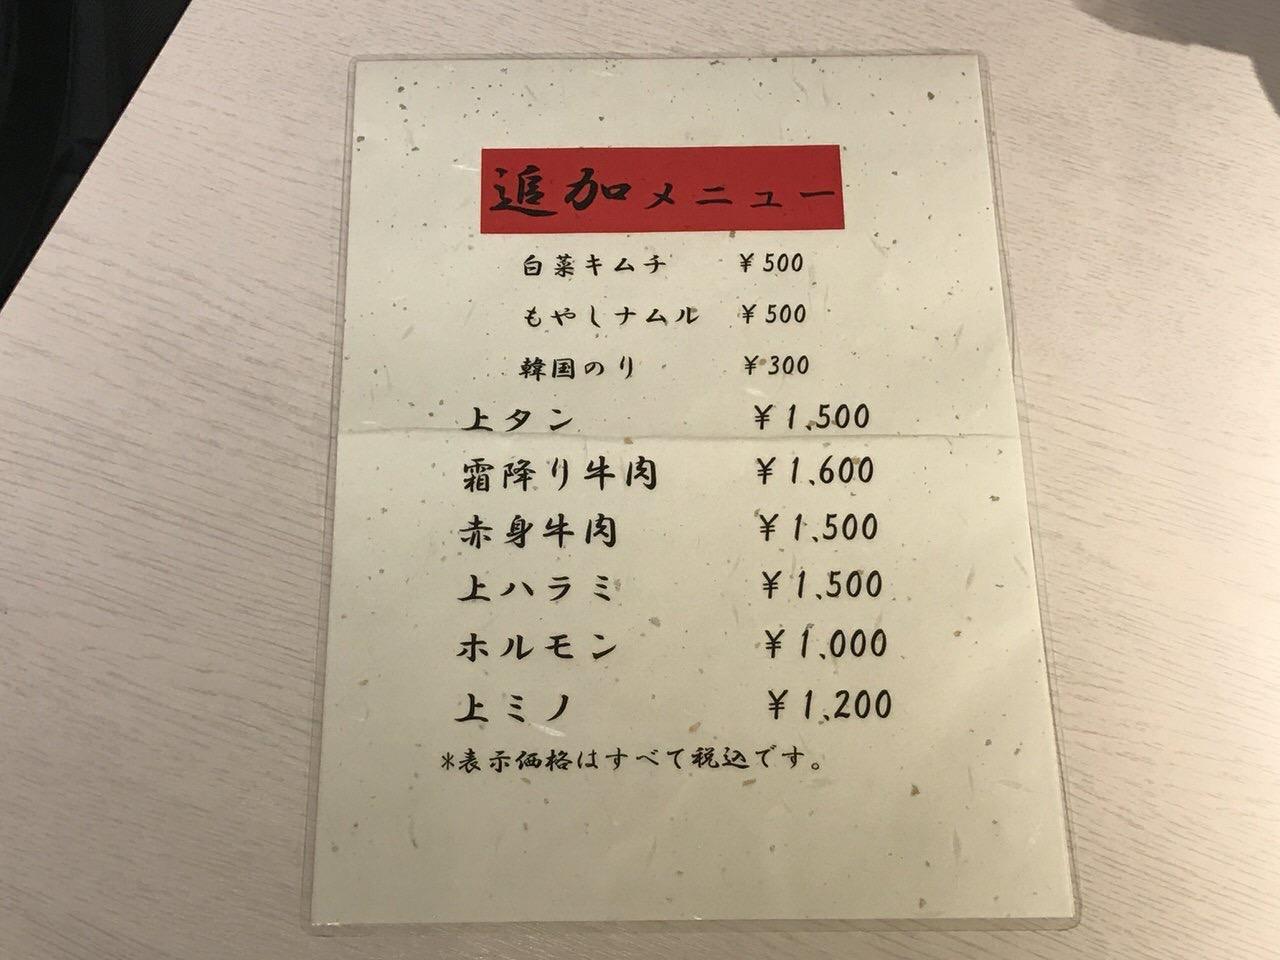 焼肉笹塚園 メニュー 2